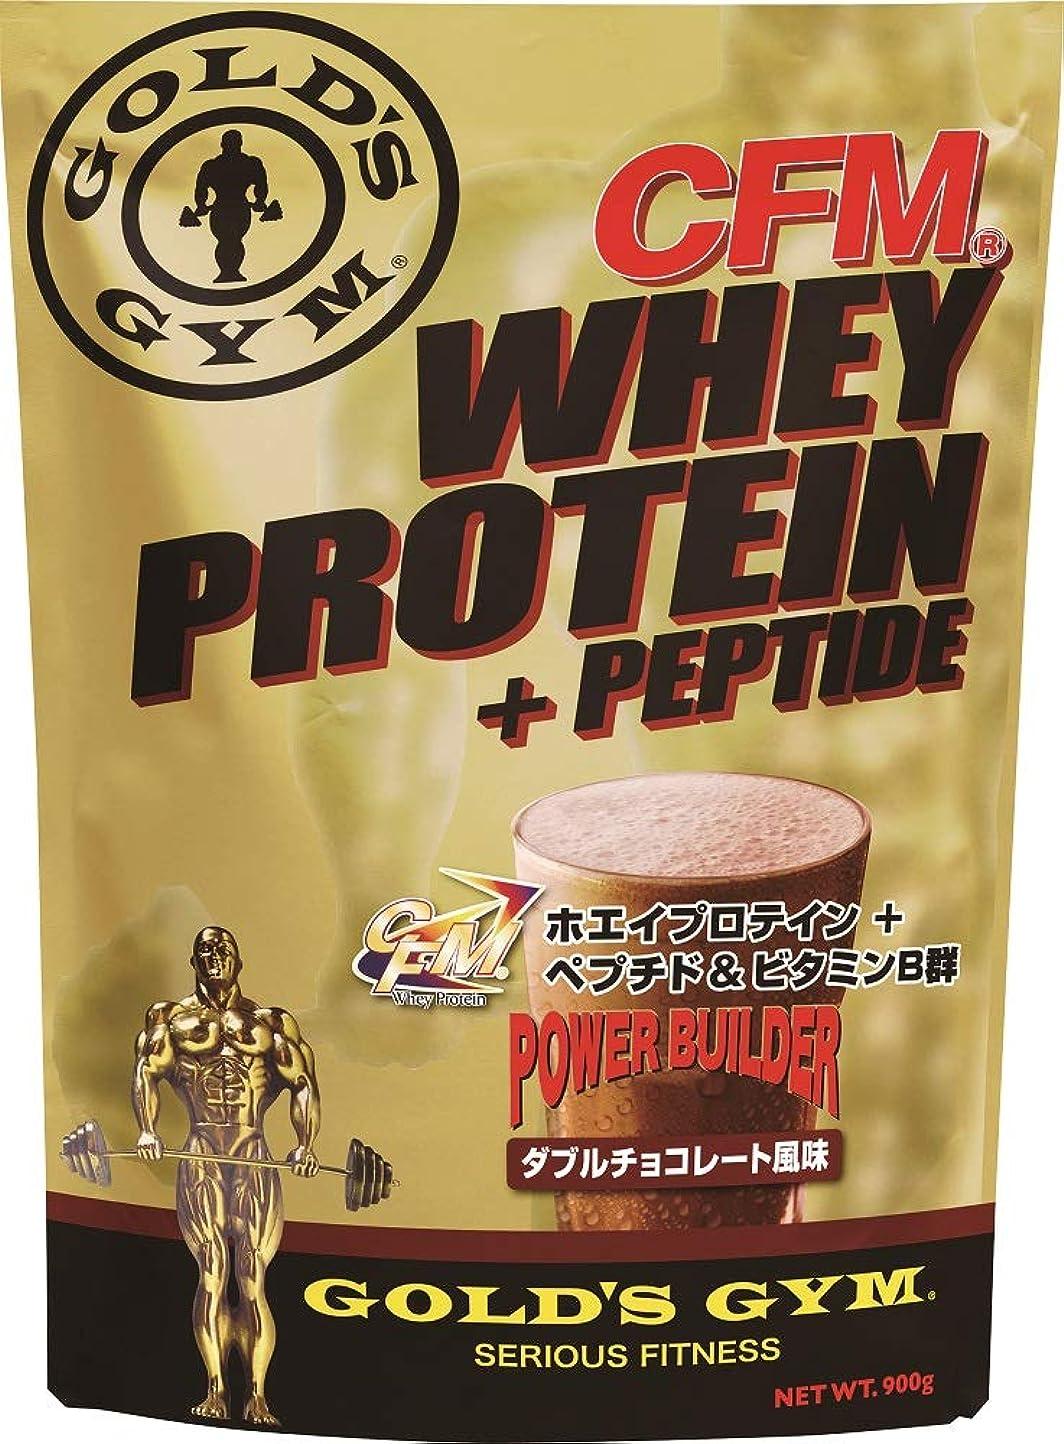 で出来ている入札遠近法ゴールドジム(GOLD'S GYM) CFMホエイプロテイン ダブルチョコレート風味 2kg